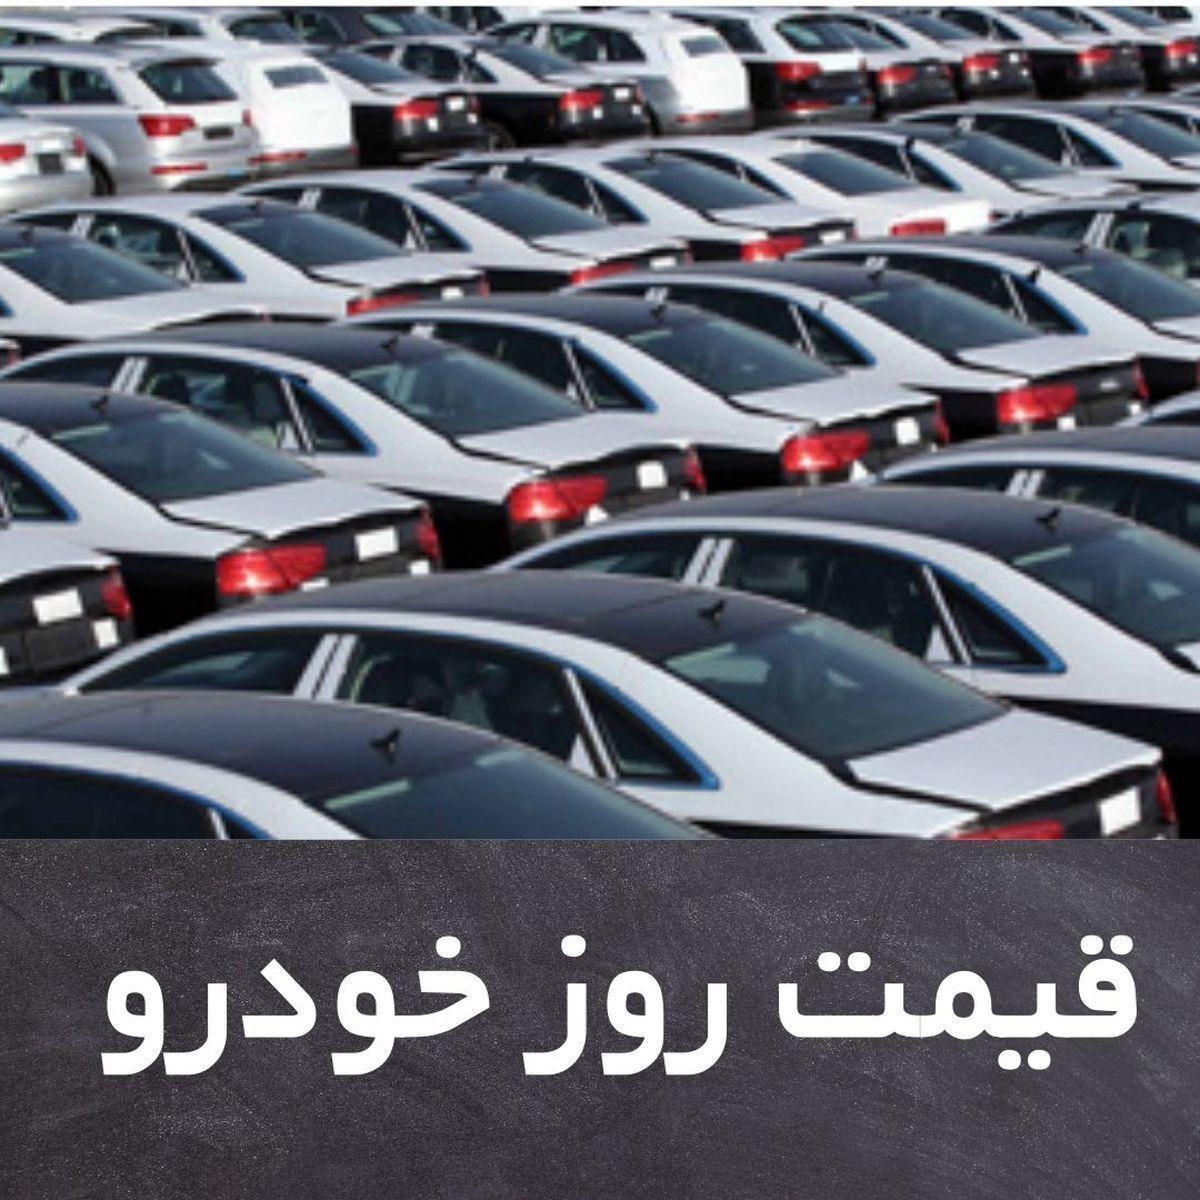 قیمت روز خودرو چهارشنبه 22 اردیبهشت + جدول